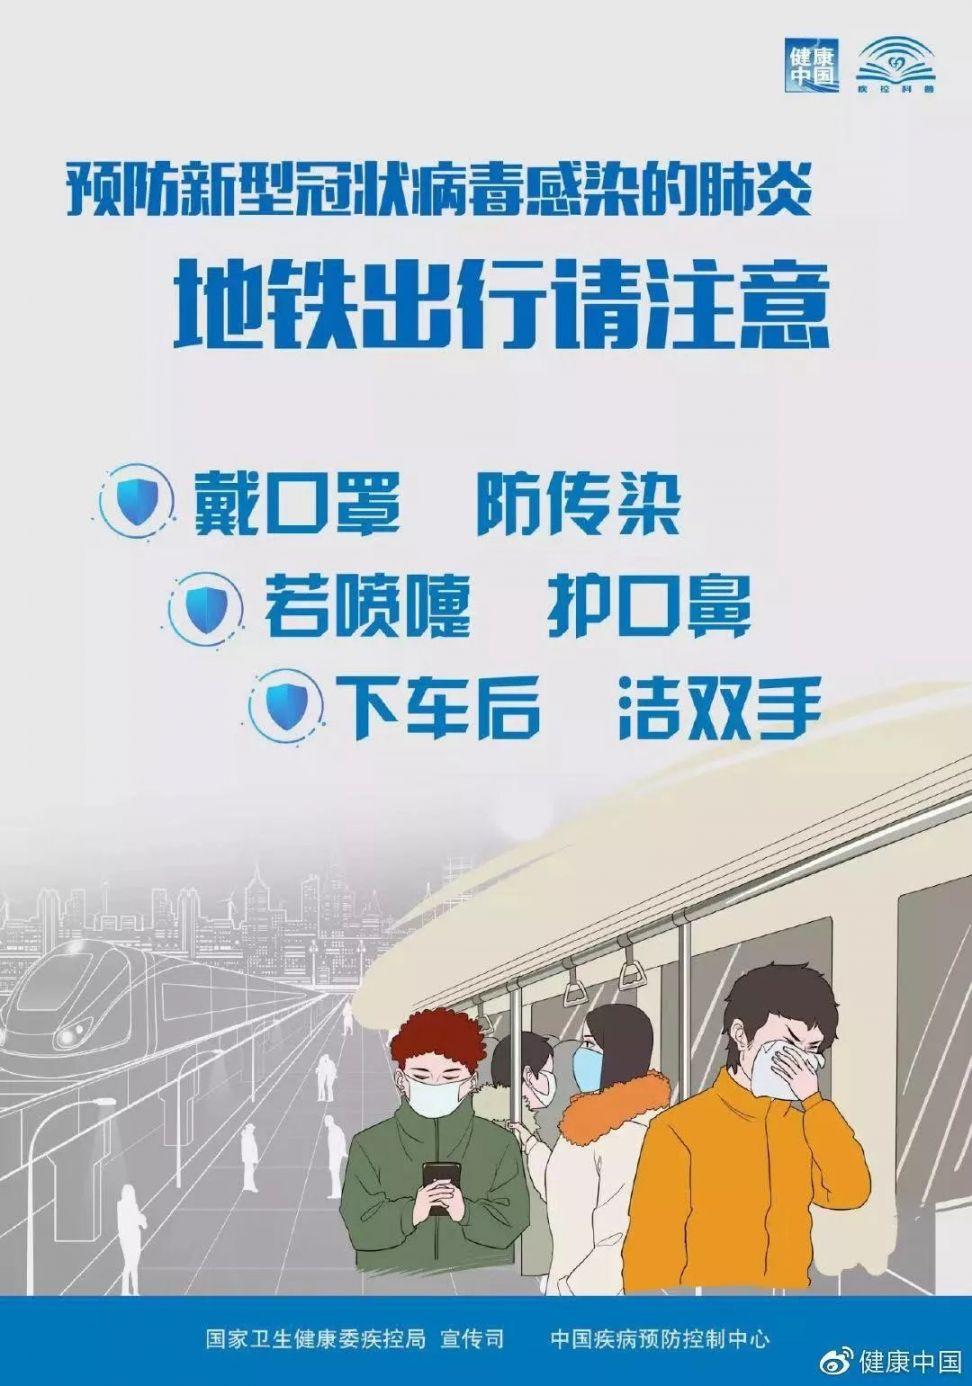 上海乘坐地铁须戴口罩 对未佩戴的乘客进行劝离